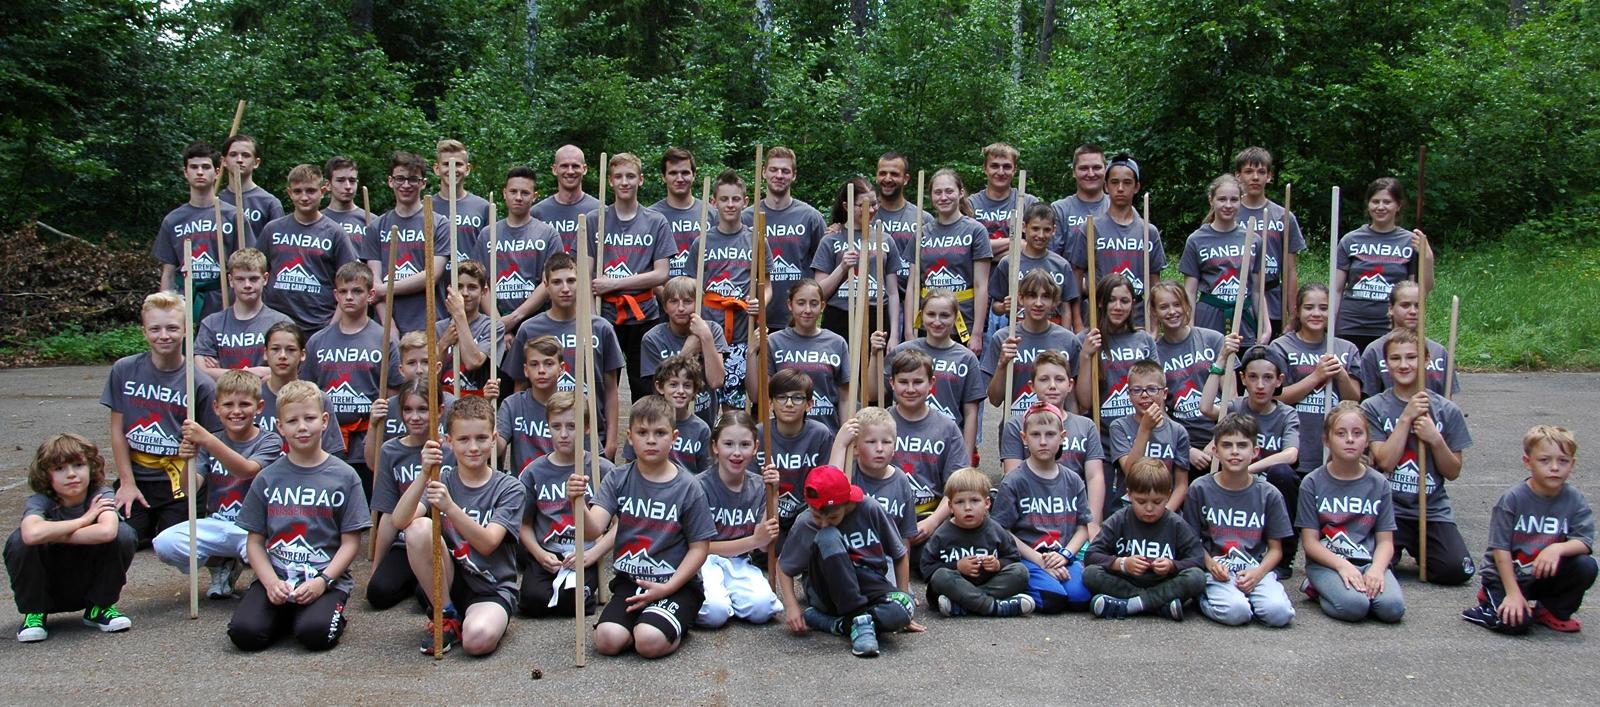 Letni Obóz Kung Fu dla dzieci i młodzieży - Łapino 2017